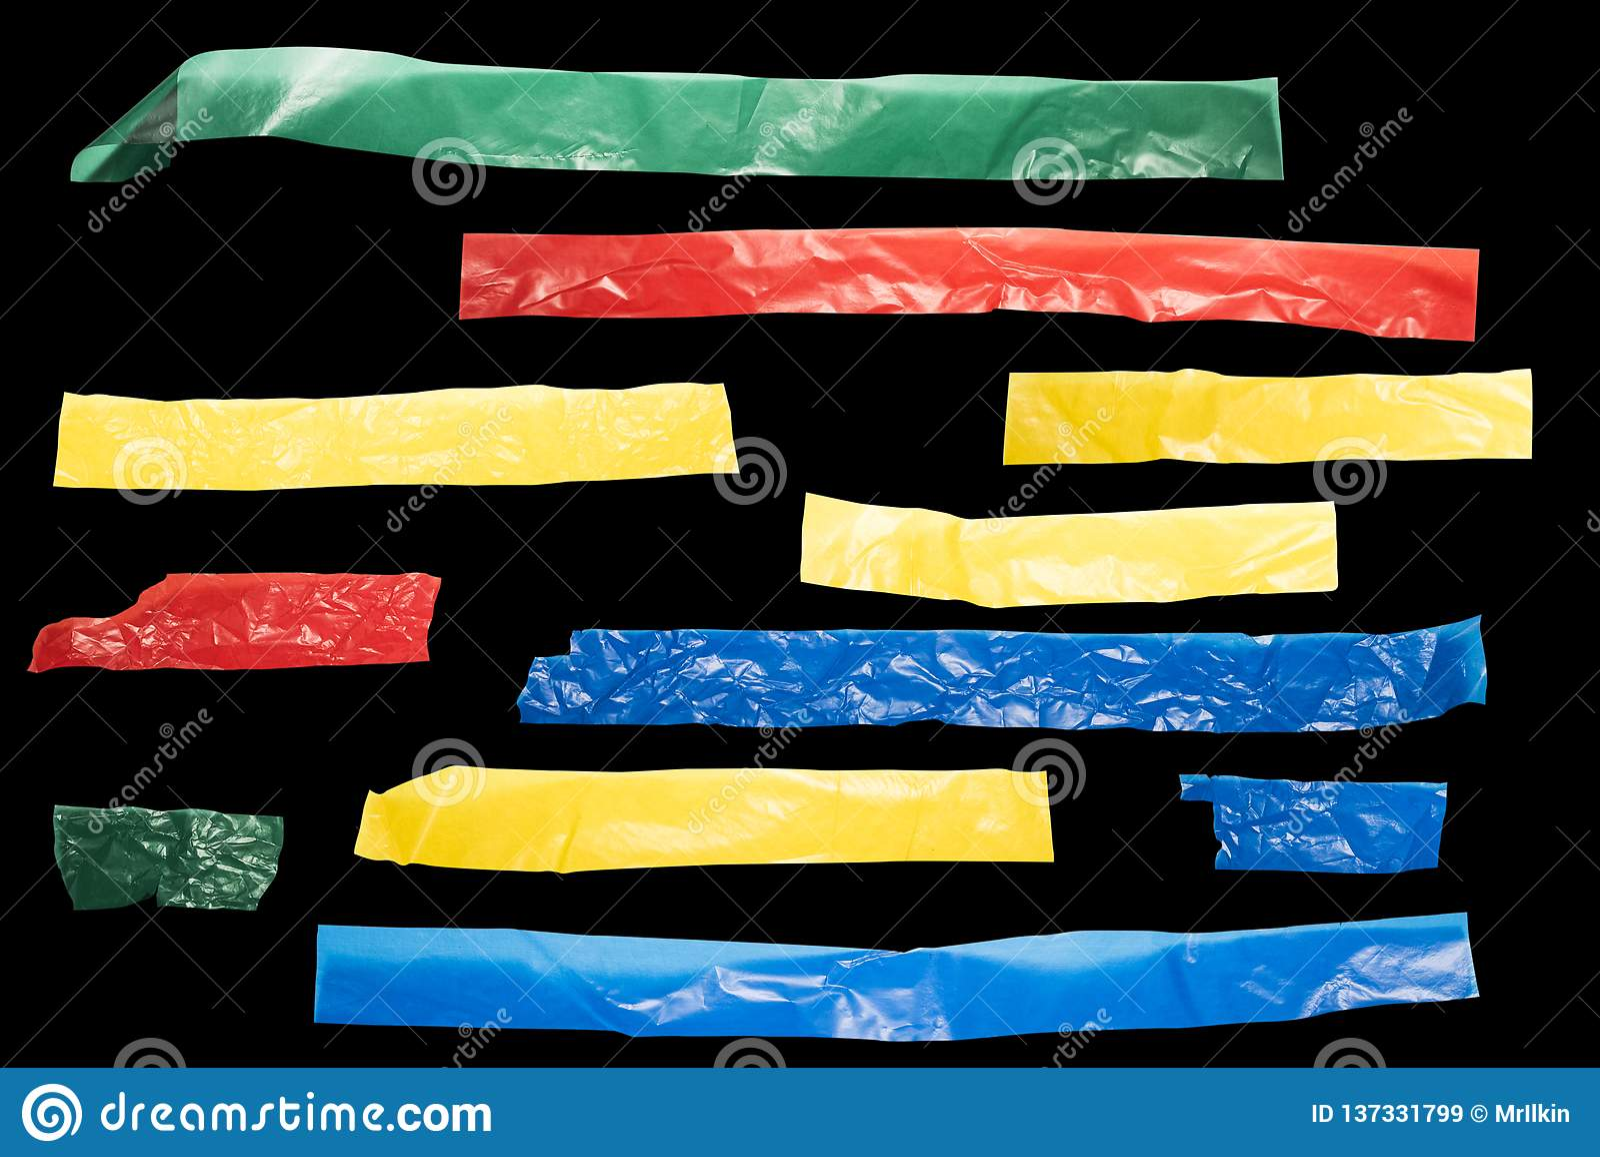 Tiras da fita colorida em um fundo preto para o mais baixo terço